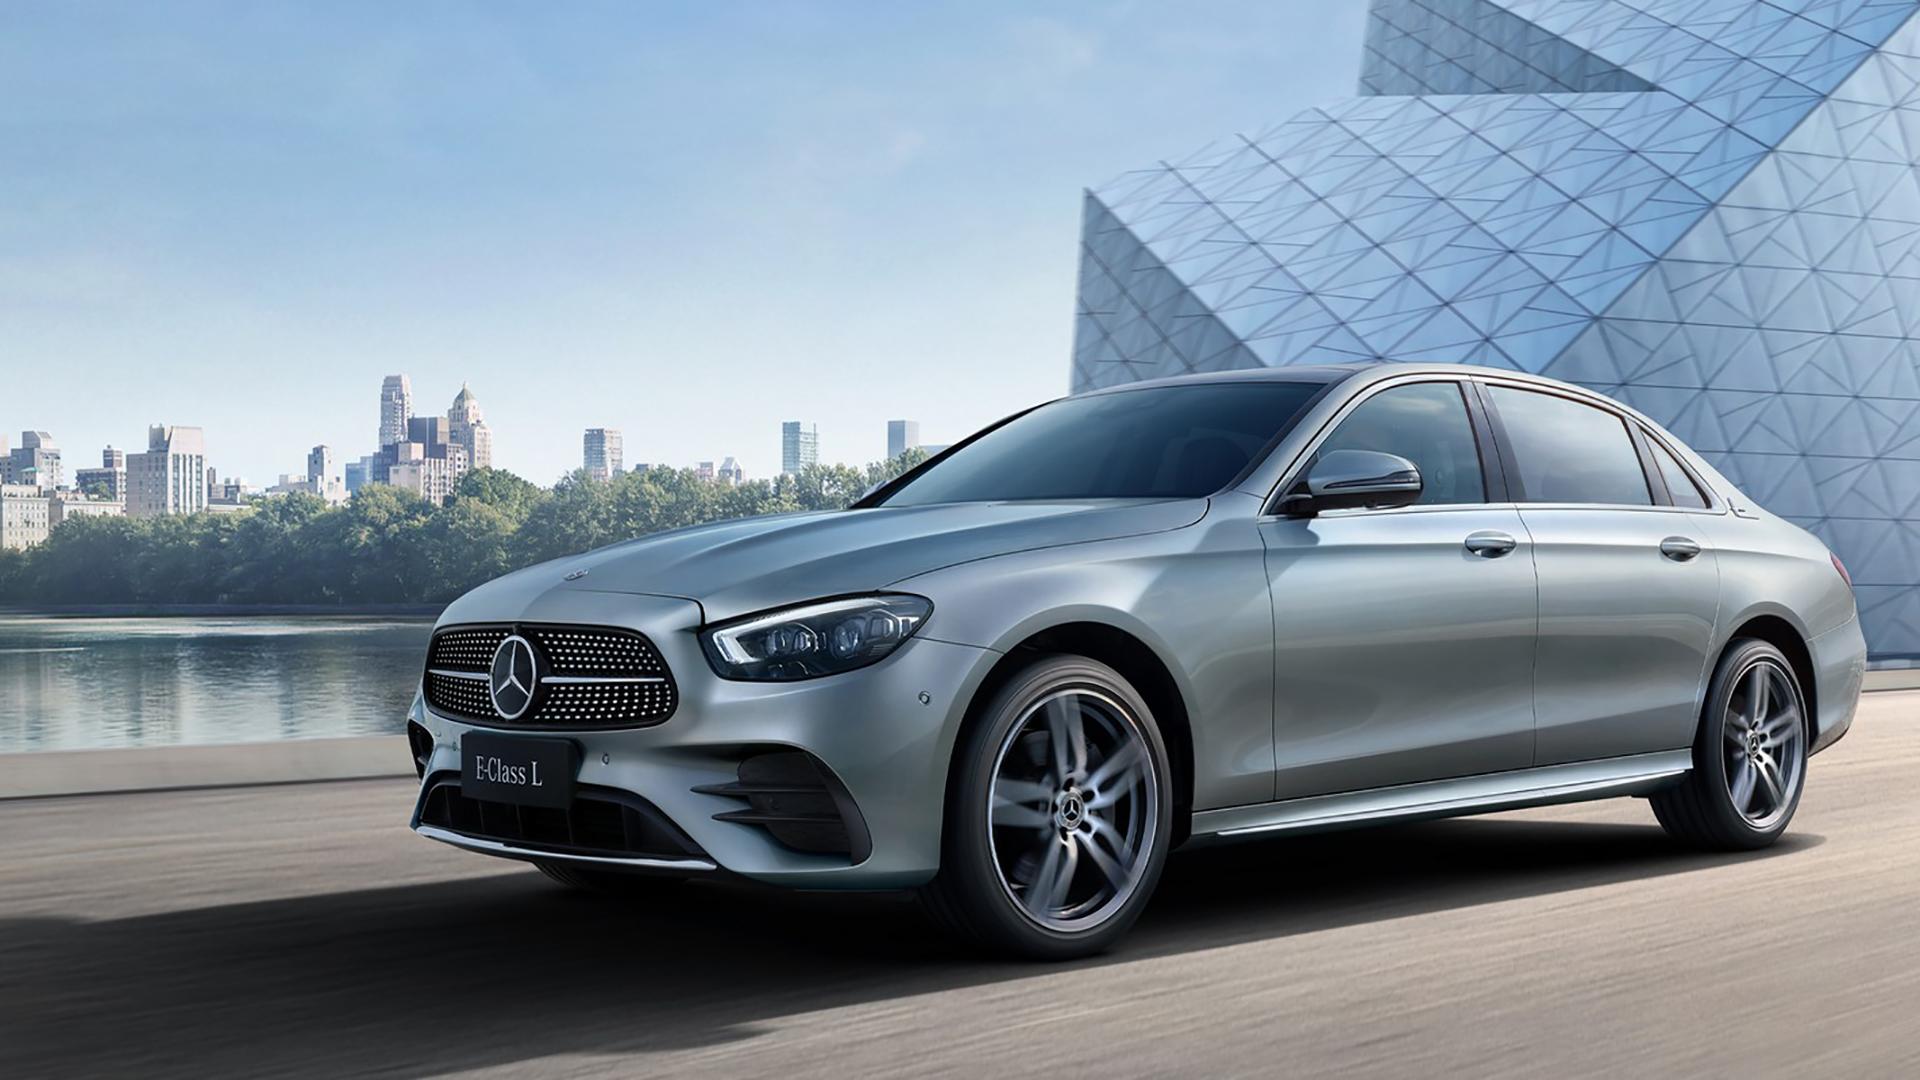 Mercedes-Benz E-Class L 2021 ra mắt với chỗ để chân rộng miên man, giá từ 63.000 USD